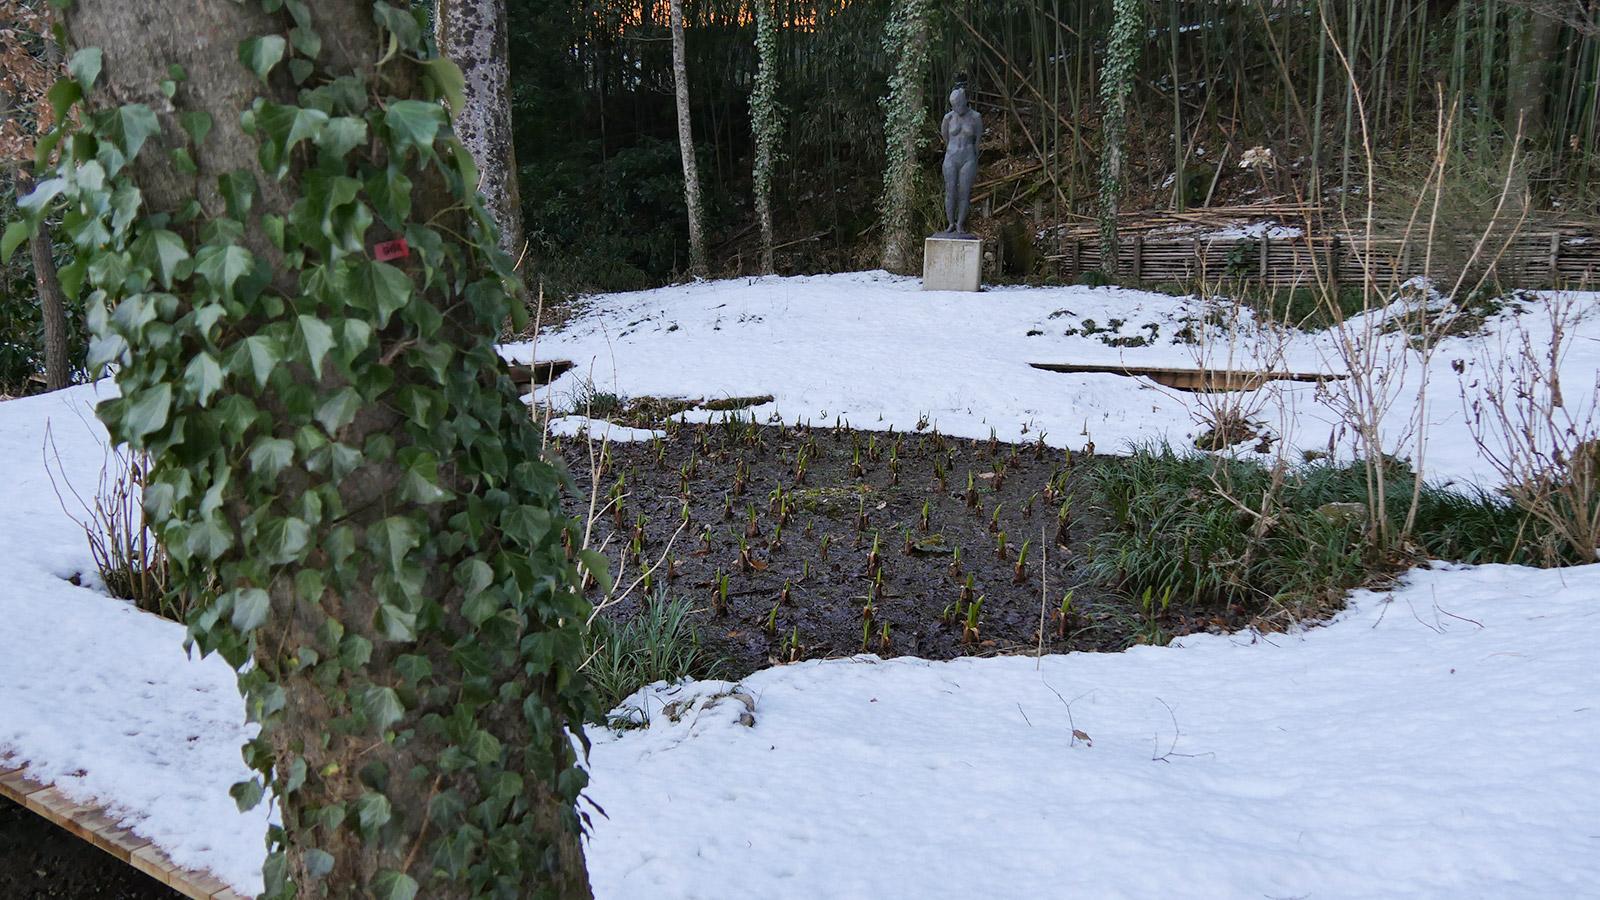 水芭蕉観察ゾーンの上部エリア、日陰のためまだまだ雪が溶けません